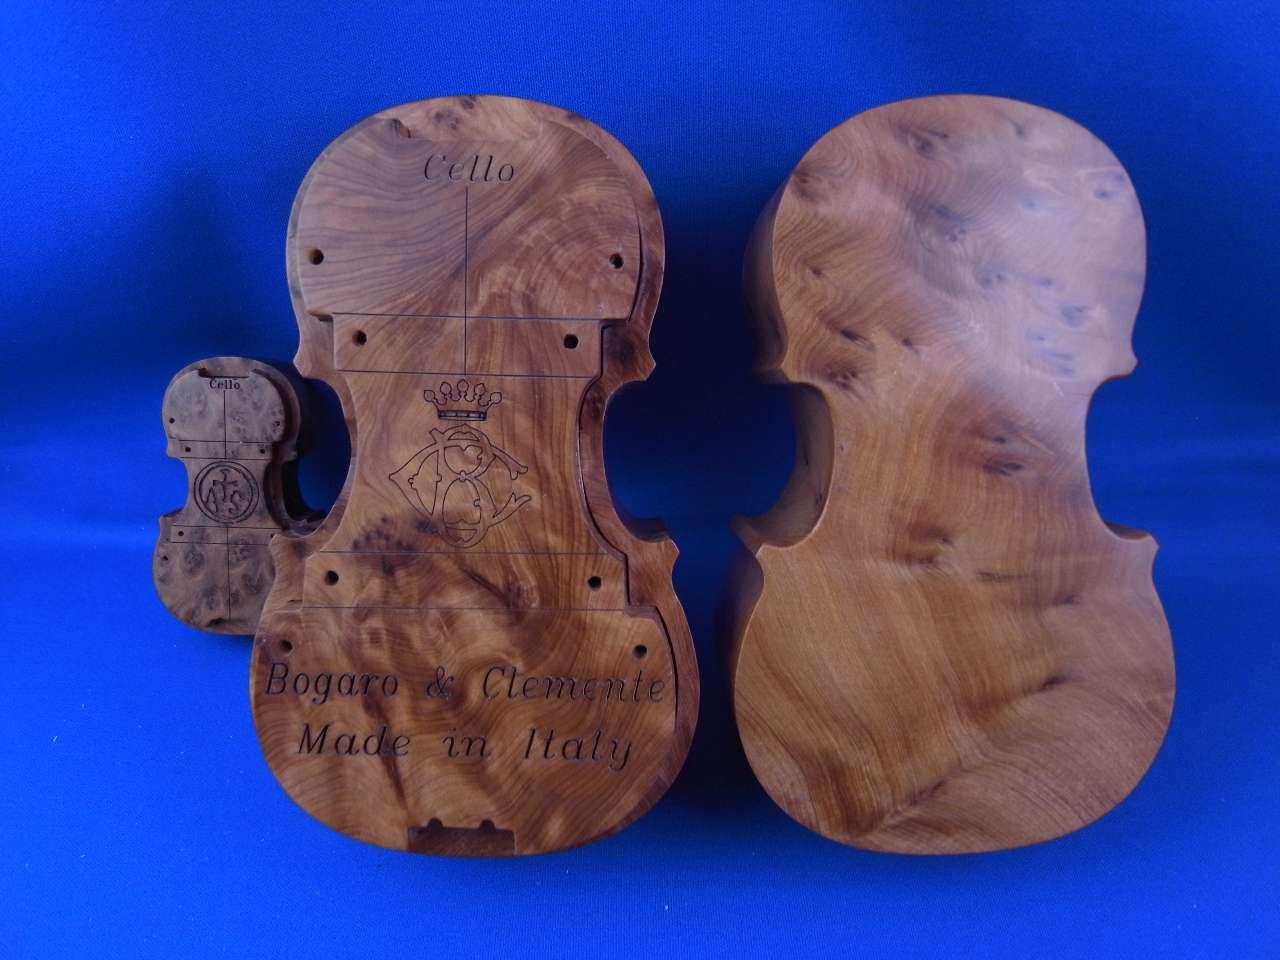 画像1: ボガーロ&クレメンテ・超巨大ストラド松脂/チェロ B&C Big Box Rosin Cello